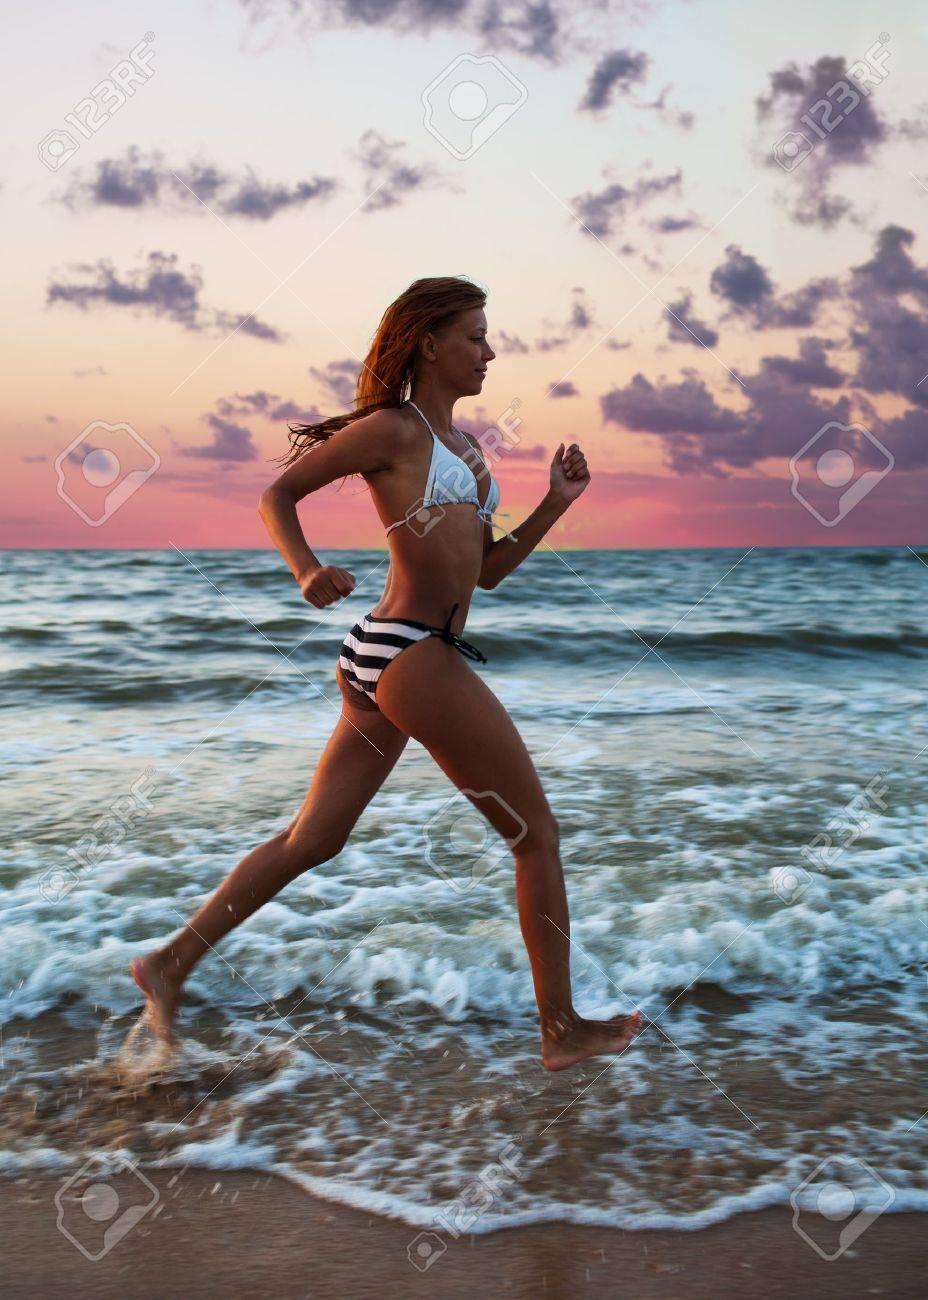 girl runs along the shore of the sea Stock Photo - 21351827